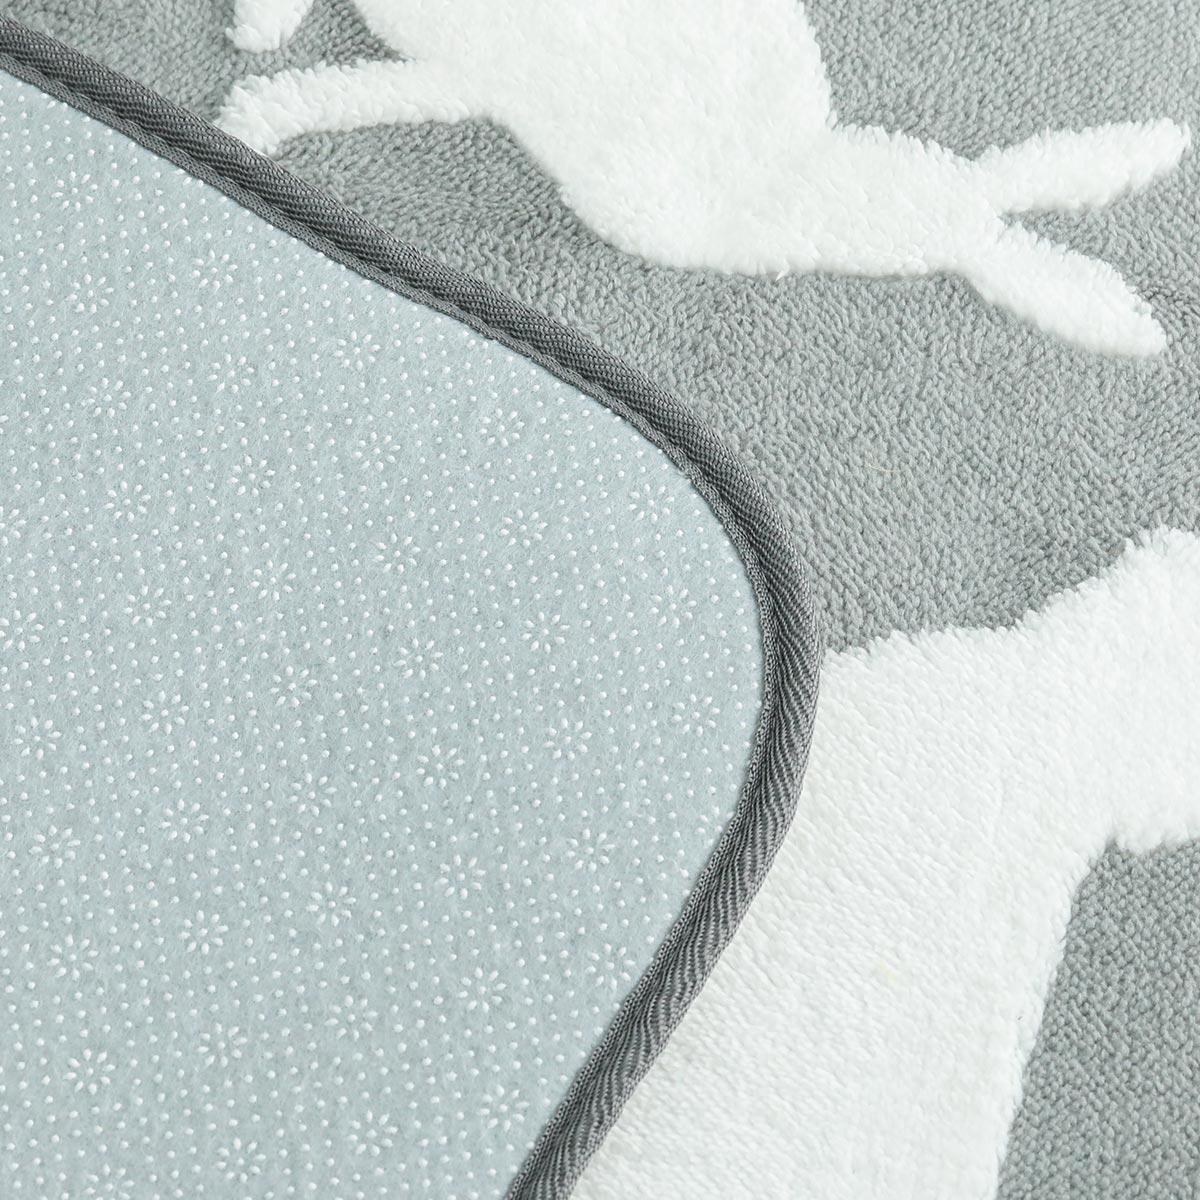 角は緩やかなカーブを描いて優しい雰囲気に。